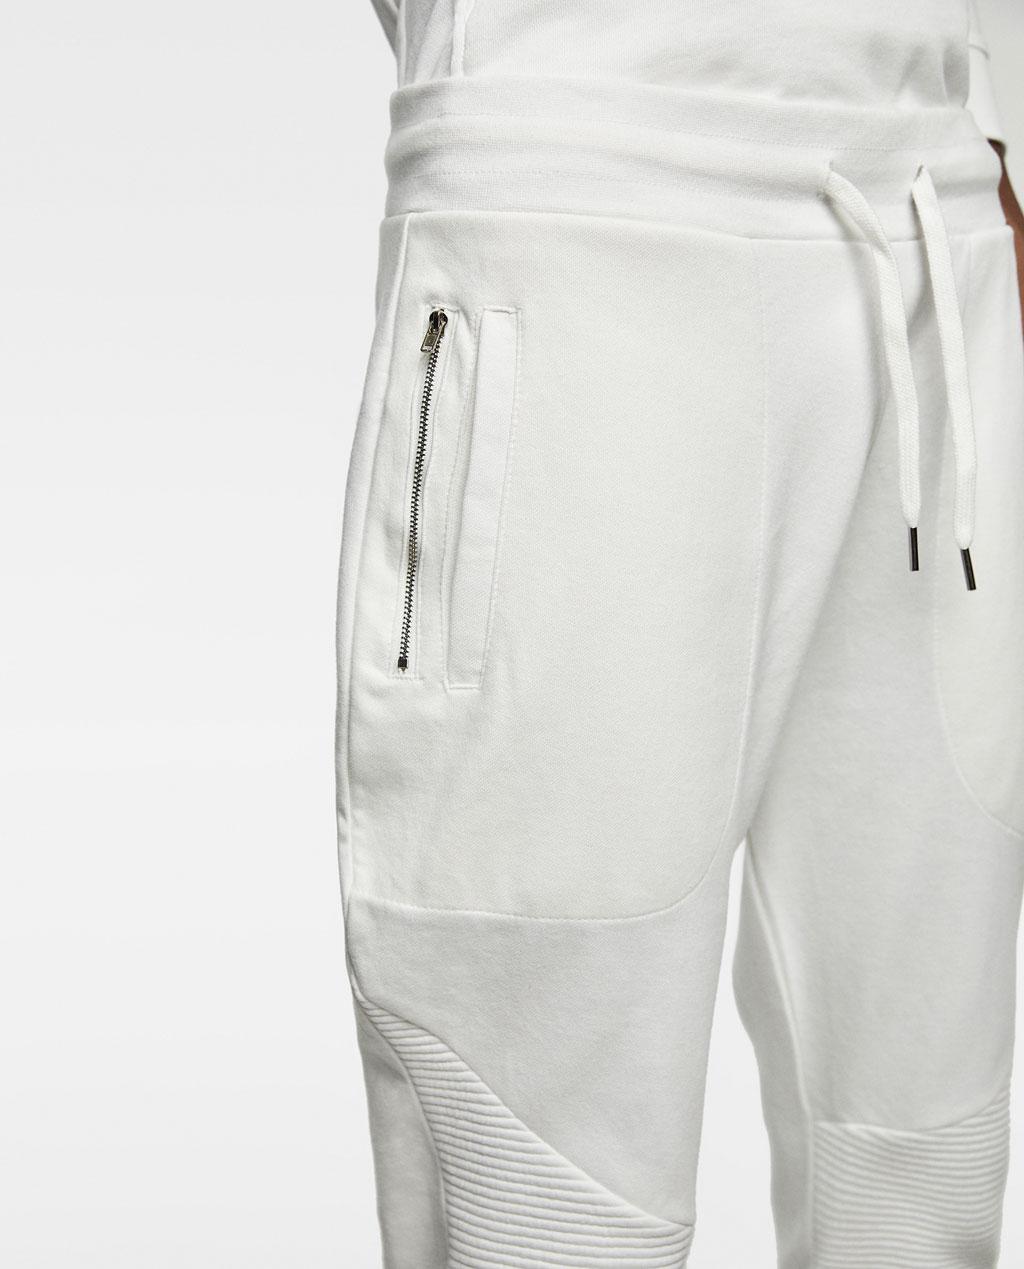 Thời trang nam Zara  24017 - ảnh 5